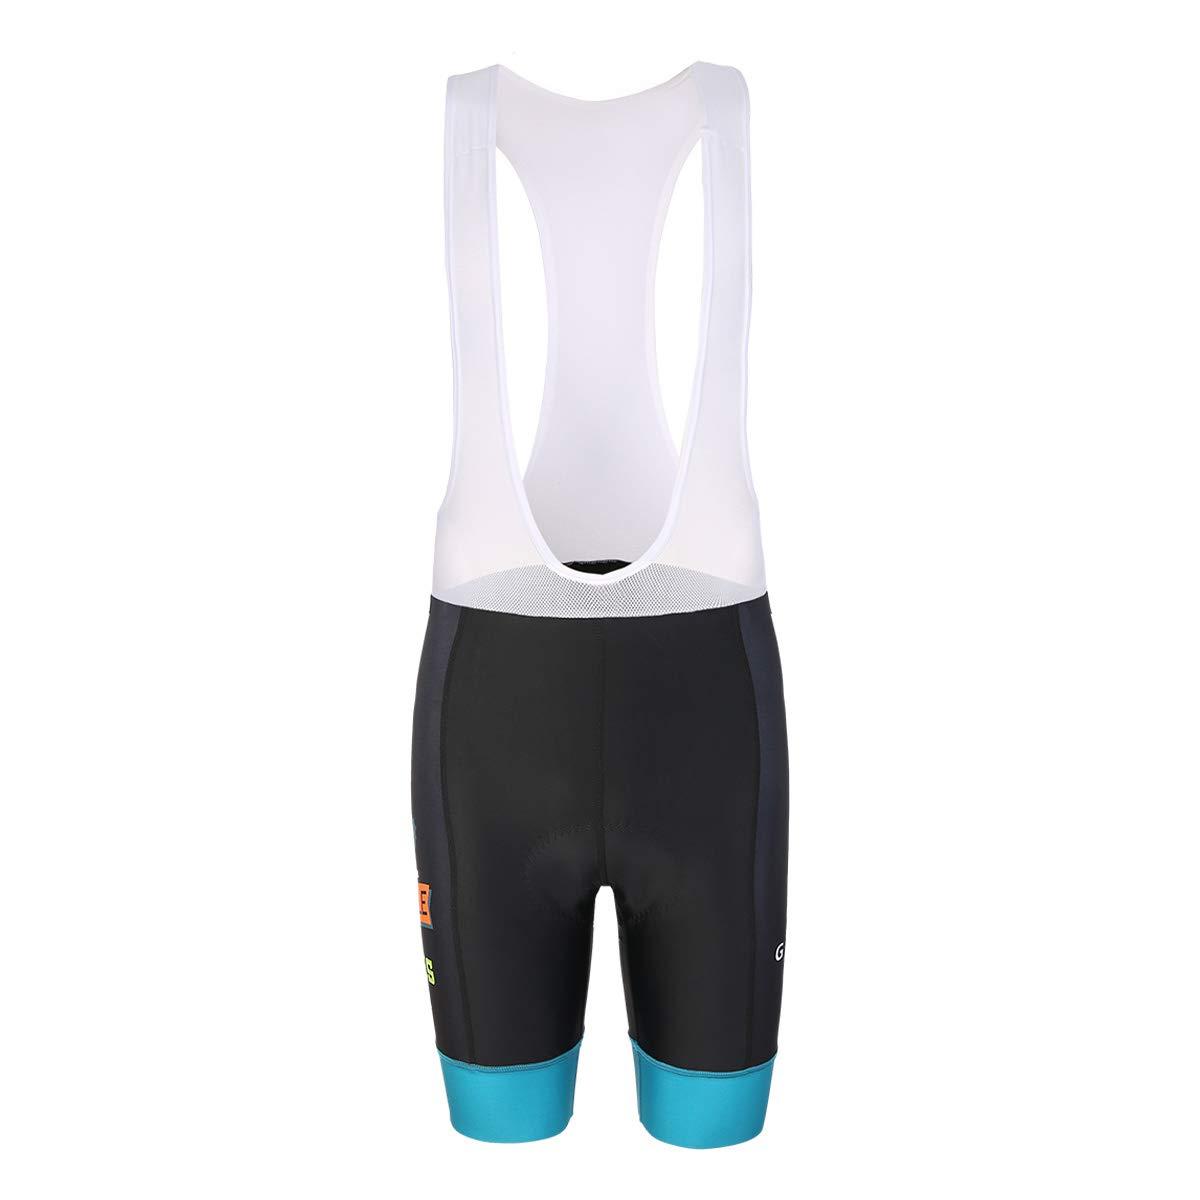 品多く DONEN メンズ PANTS メンズ XX-Large XX-Large DONEN Riding Bib Shorts B07MT8F92K, 作務衣と甚平 和専門店 ひめか:dafd6e1d --- brp.inlineteambrugge.be